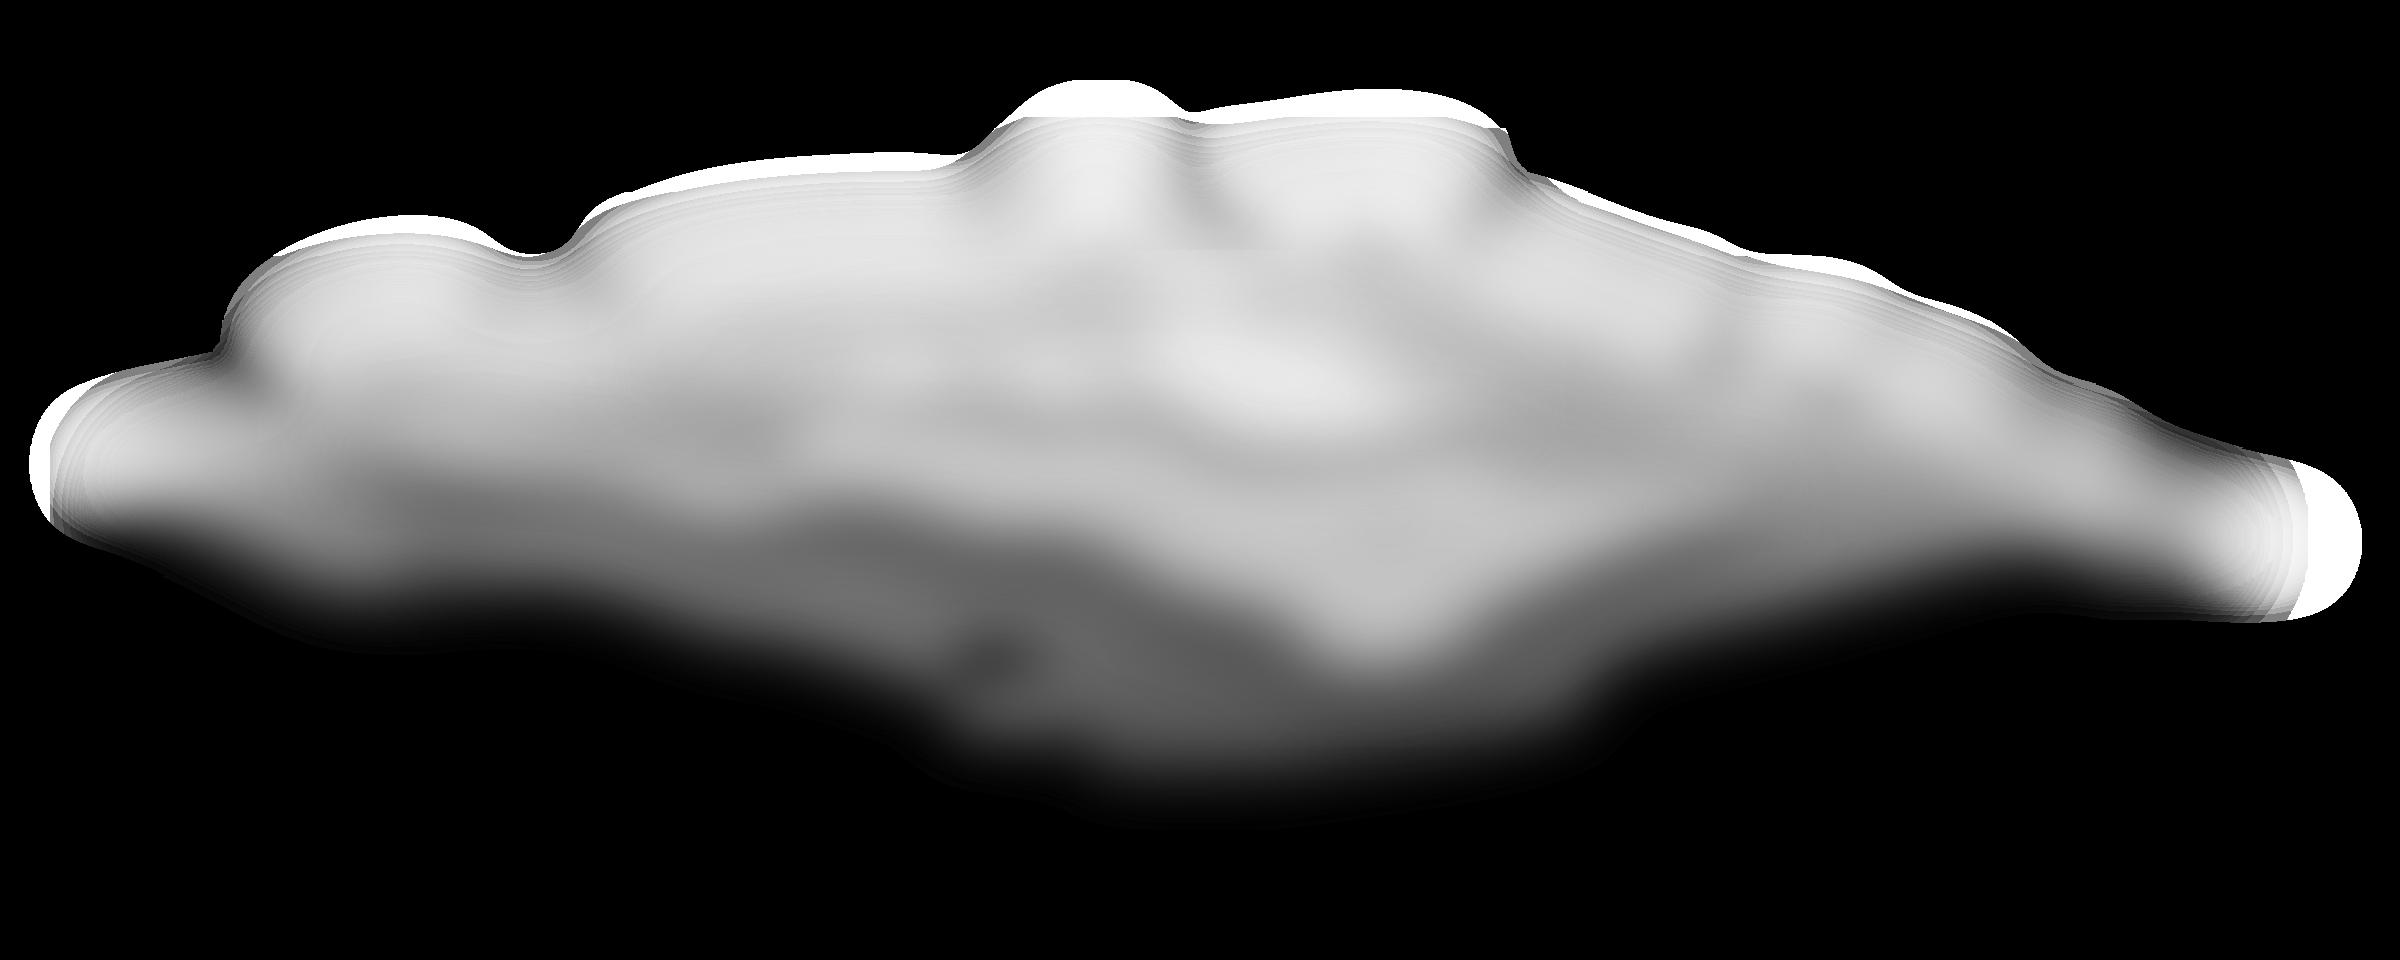 Spooky clipart cloud Clipart cloud cloud